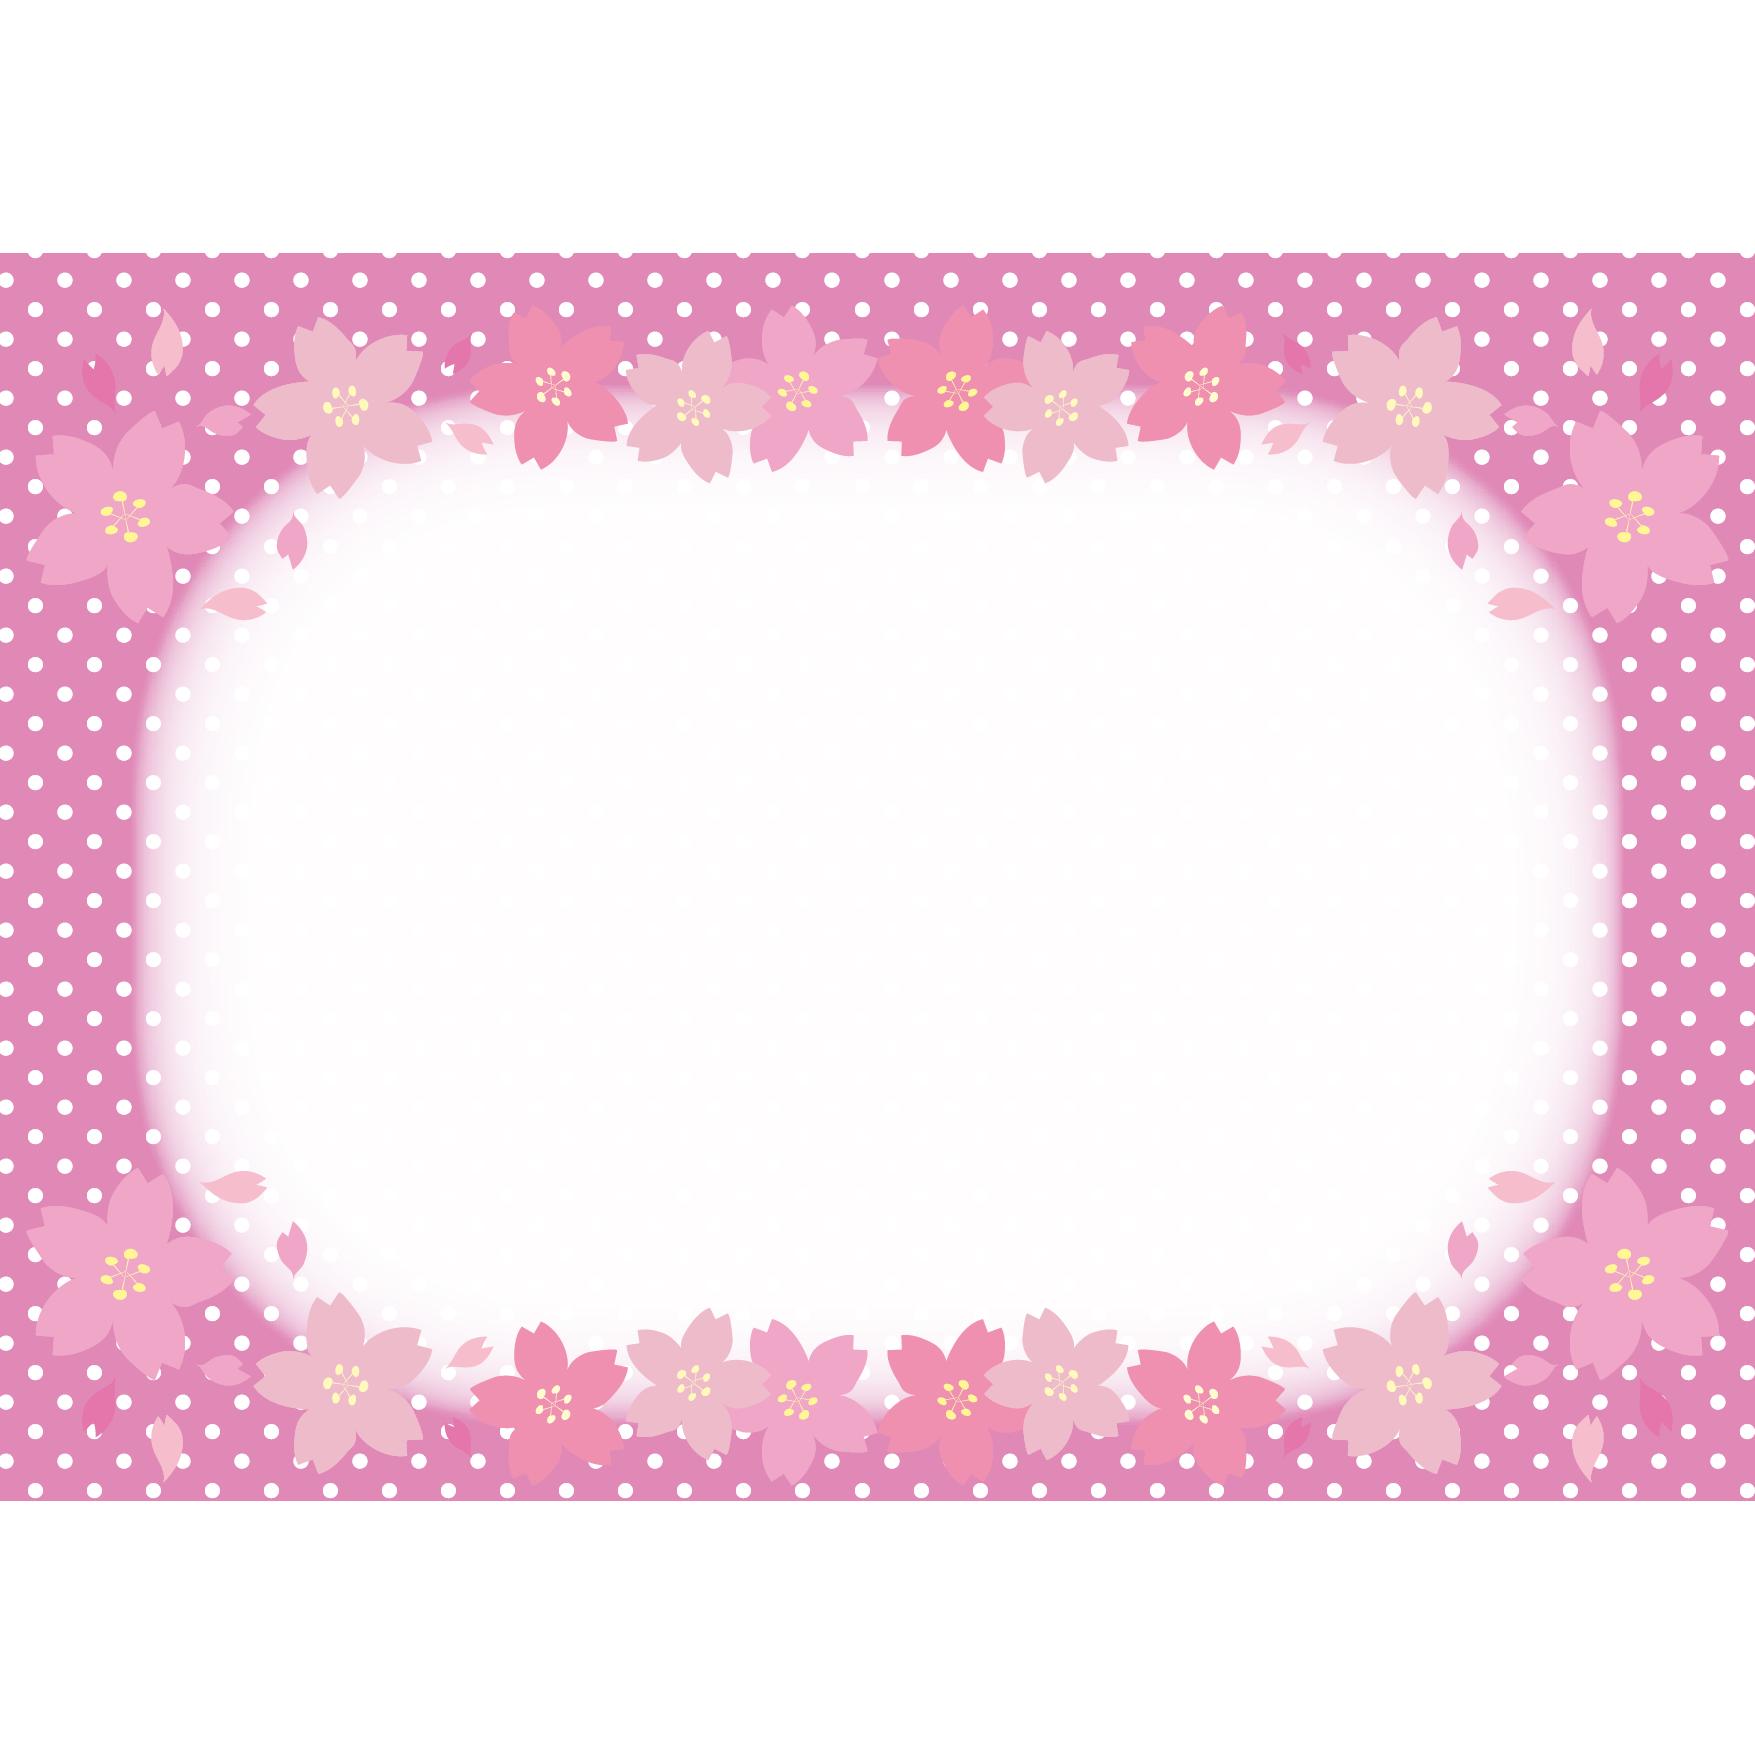 おしゃれな♪桜(サクラ)フレーム・枠のイラスト | 商用フリー(無料)の